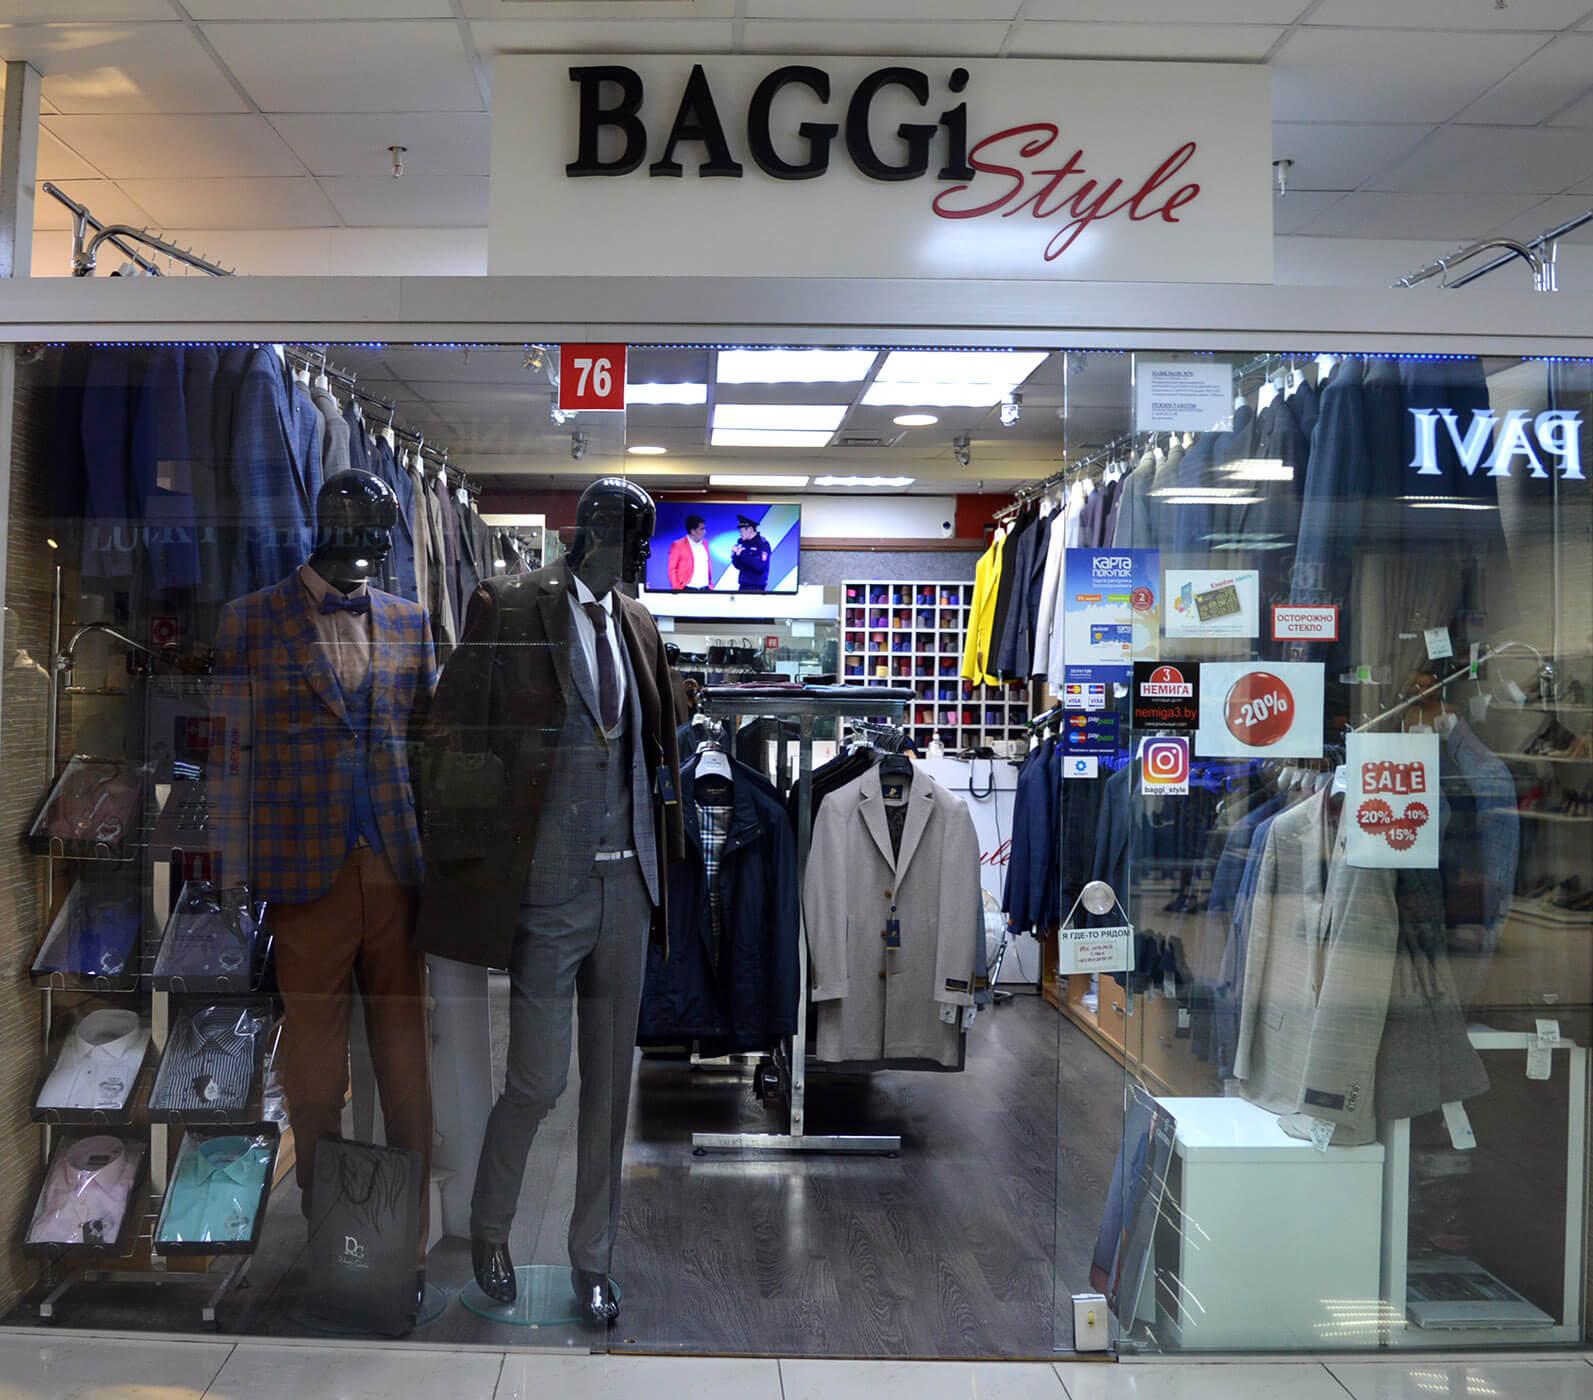 «BaggiStyle» на 1 этаже в павильоне №76 в Торговом Центре «Немига 3»